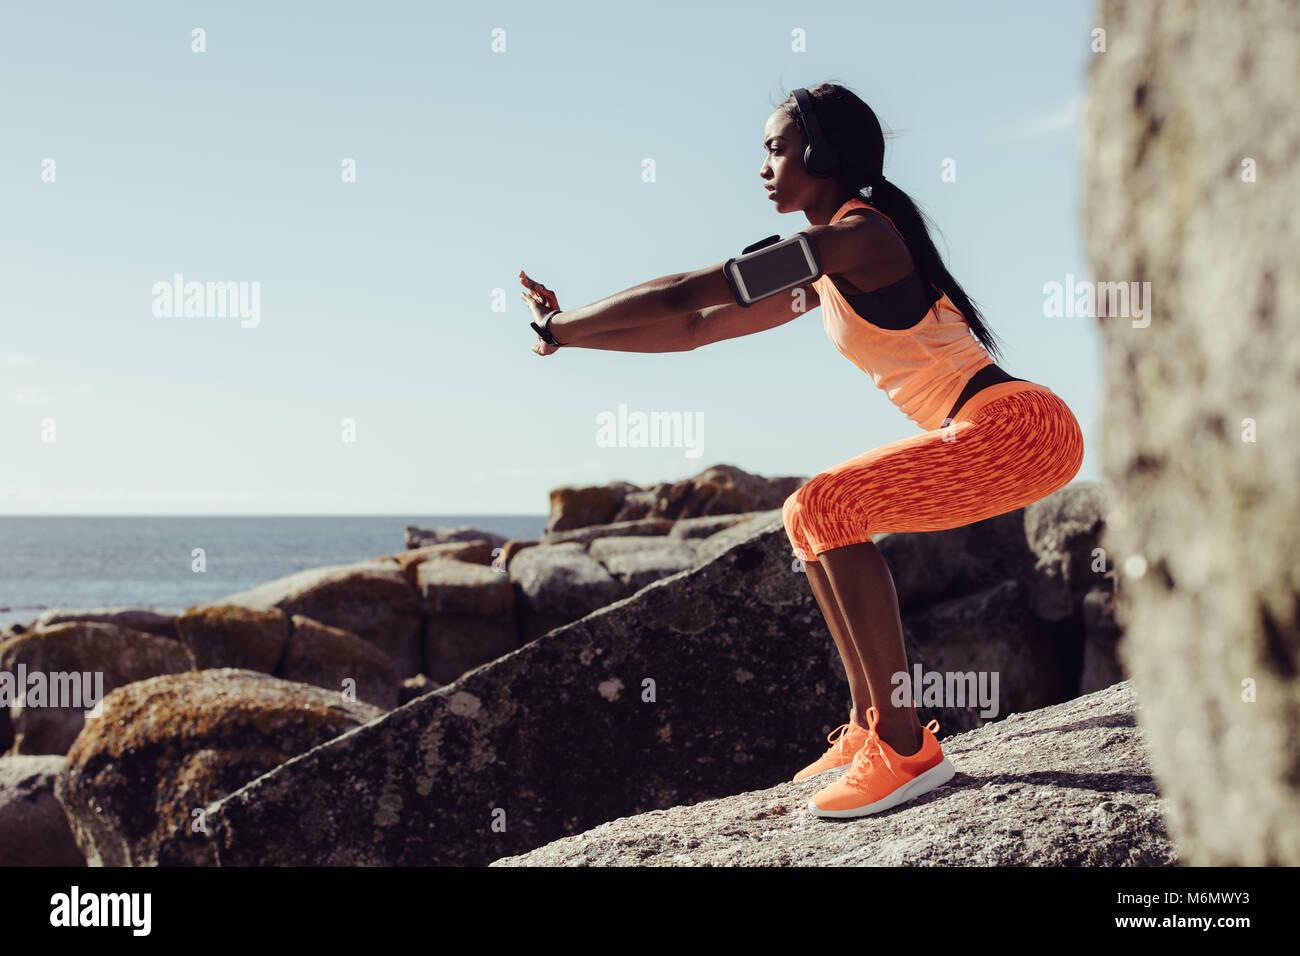 Runner donna facendo esercizi di stretching. Donna facendo il warm up si estende sulle rocce in spiaggia. Immagini Stock